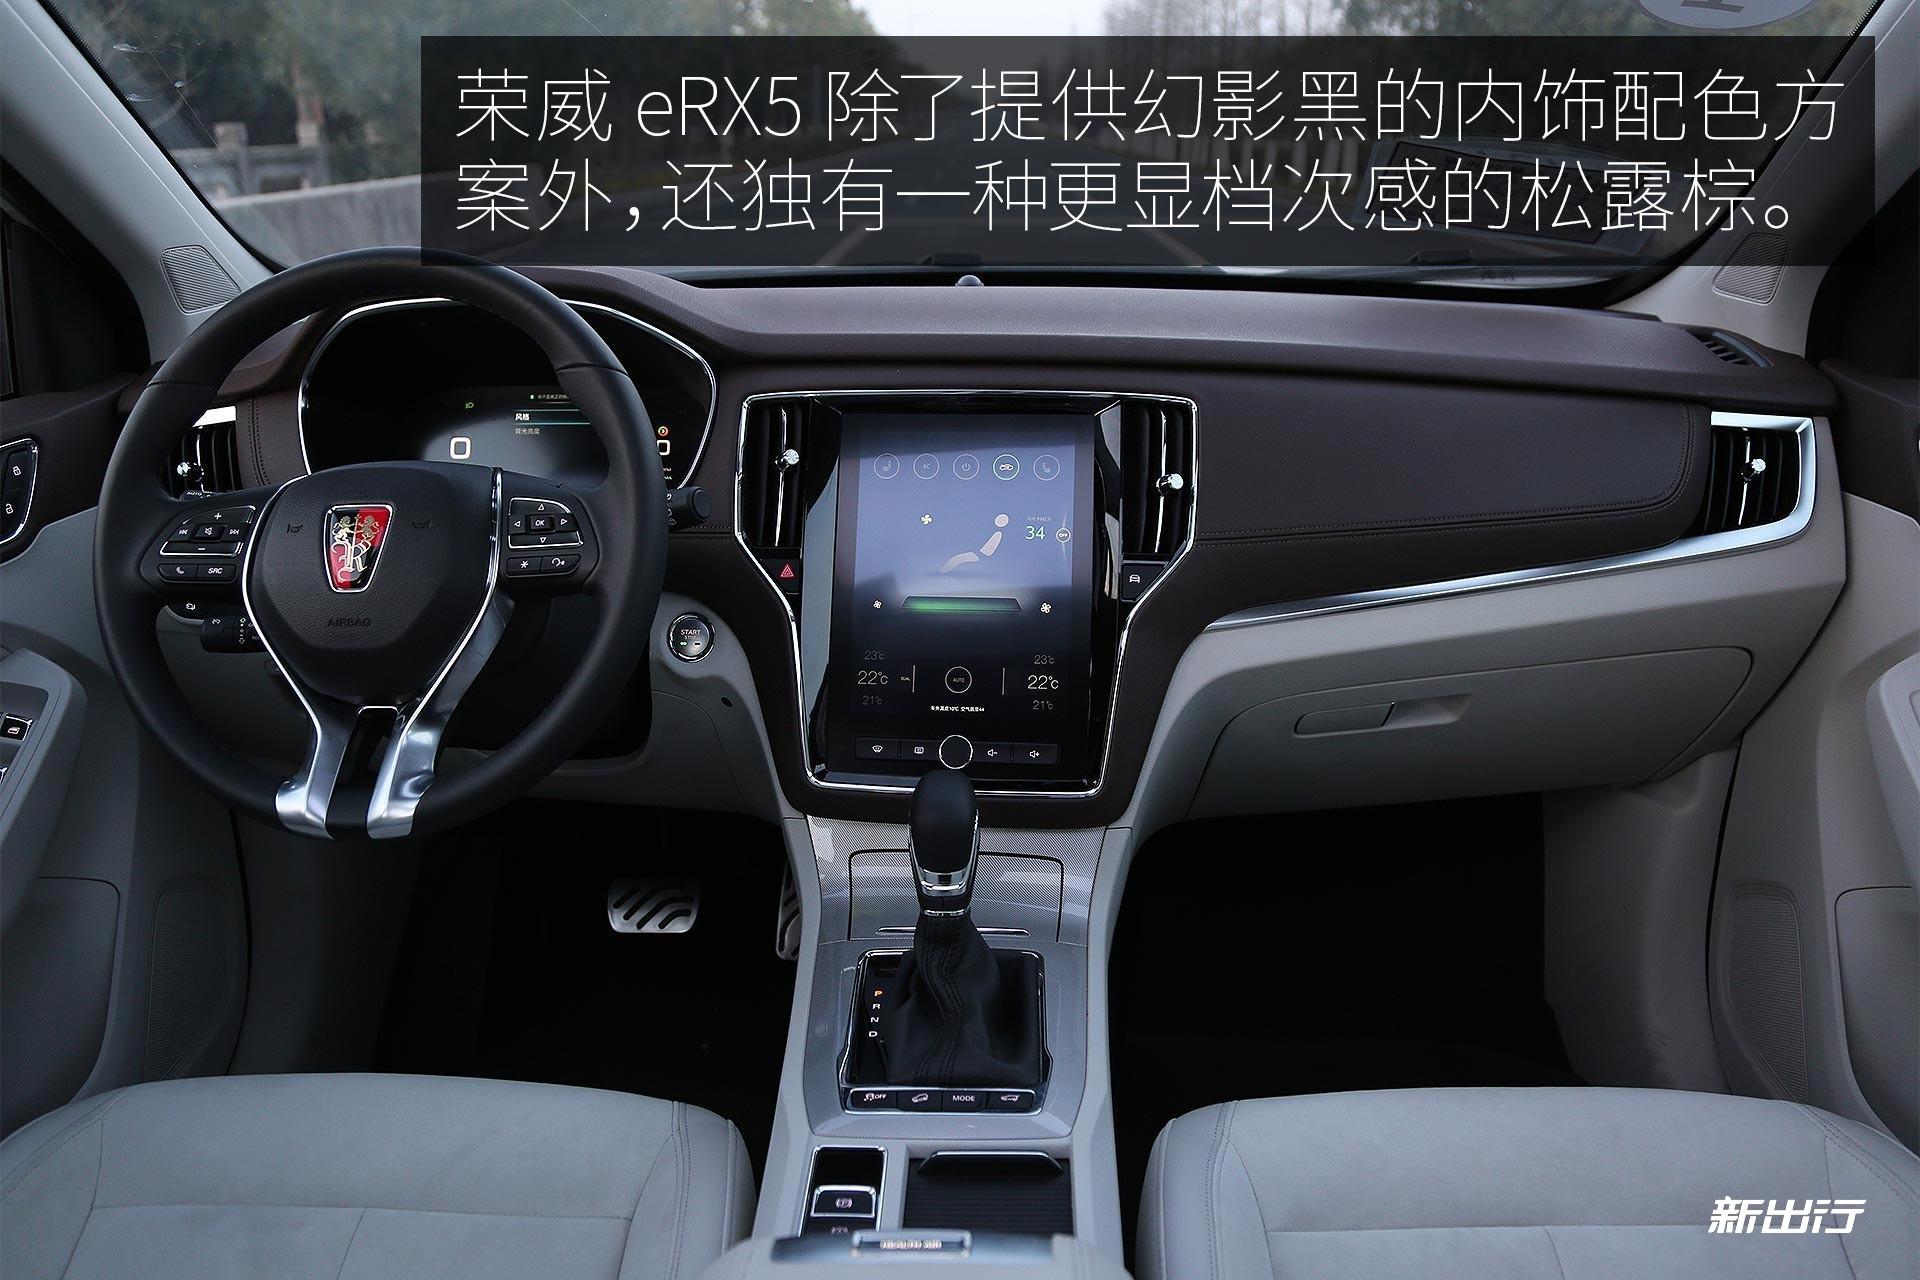 18-荣威eRX5深度体验.jpg